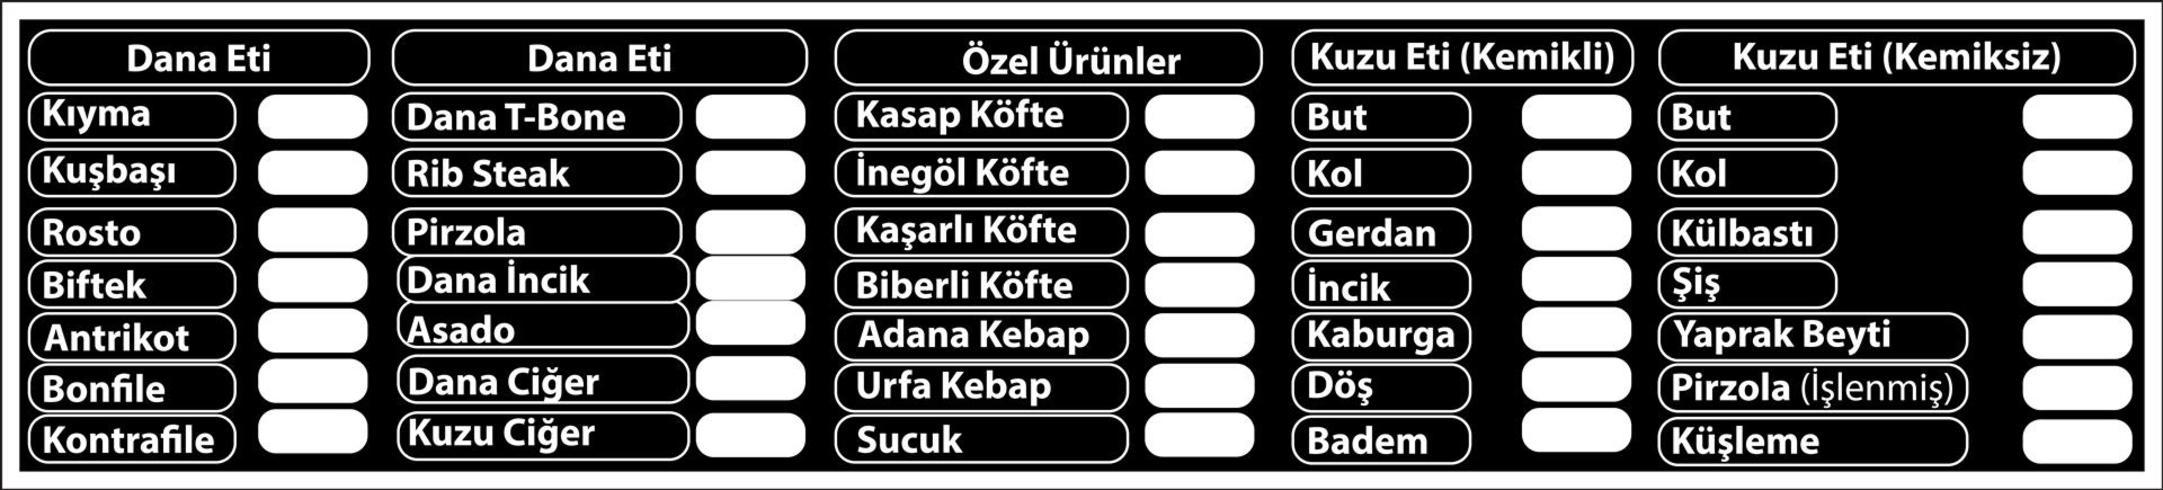 Maquettes de signalisation vintage turques, s et kasap dükkan ?, karatahta kesim s et s, barbekü, but, pirzola, bonfile côtes, steak. vecteur